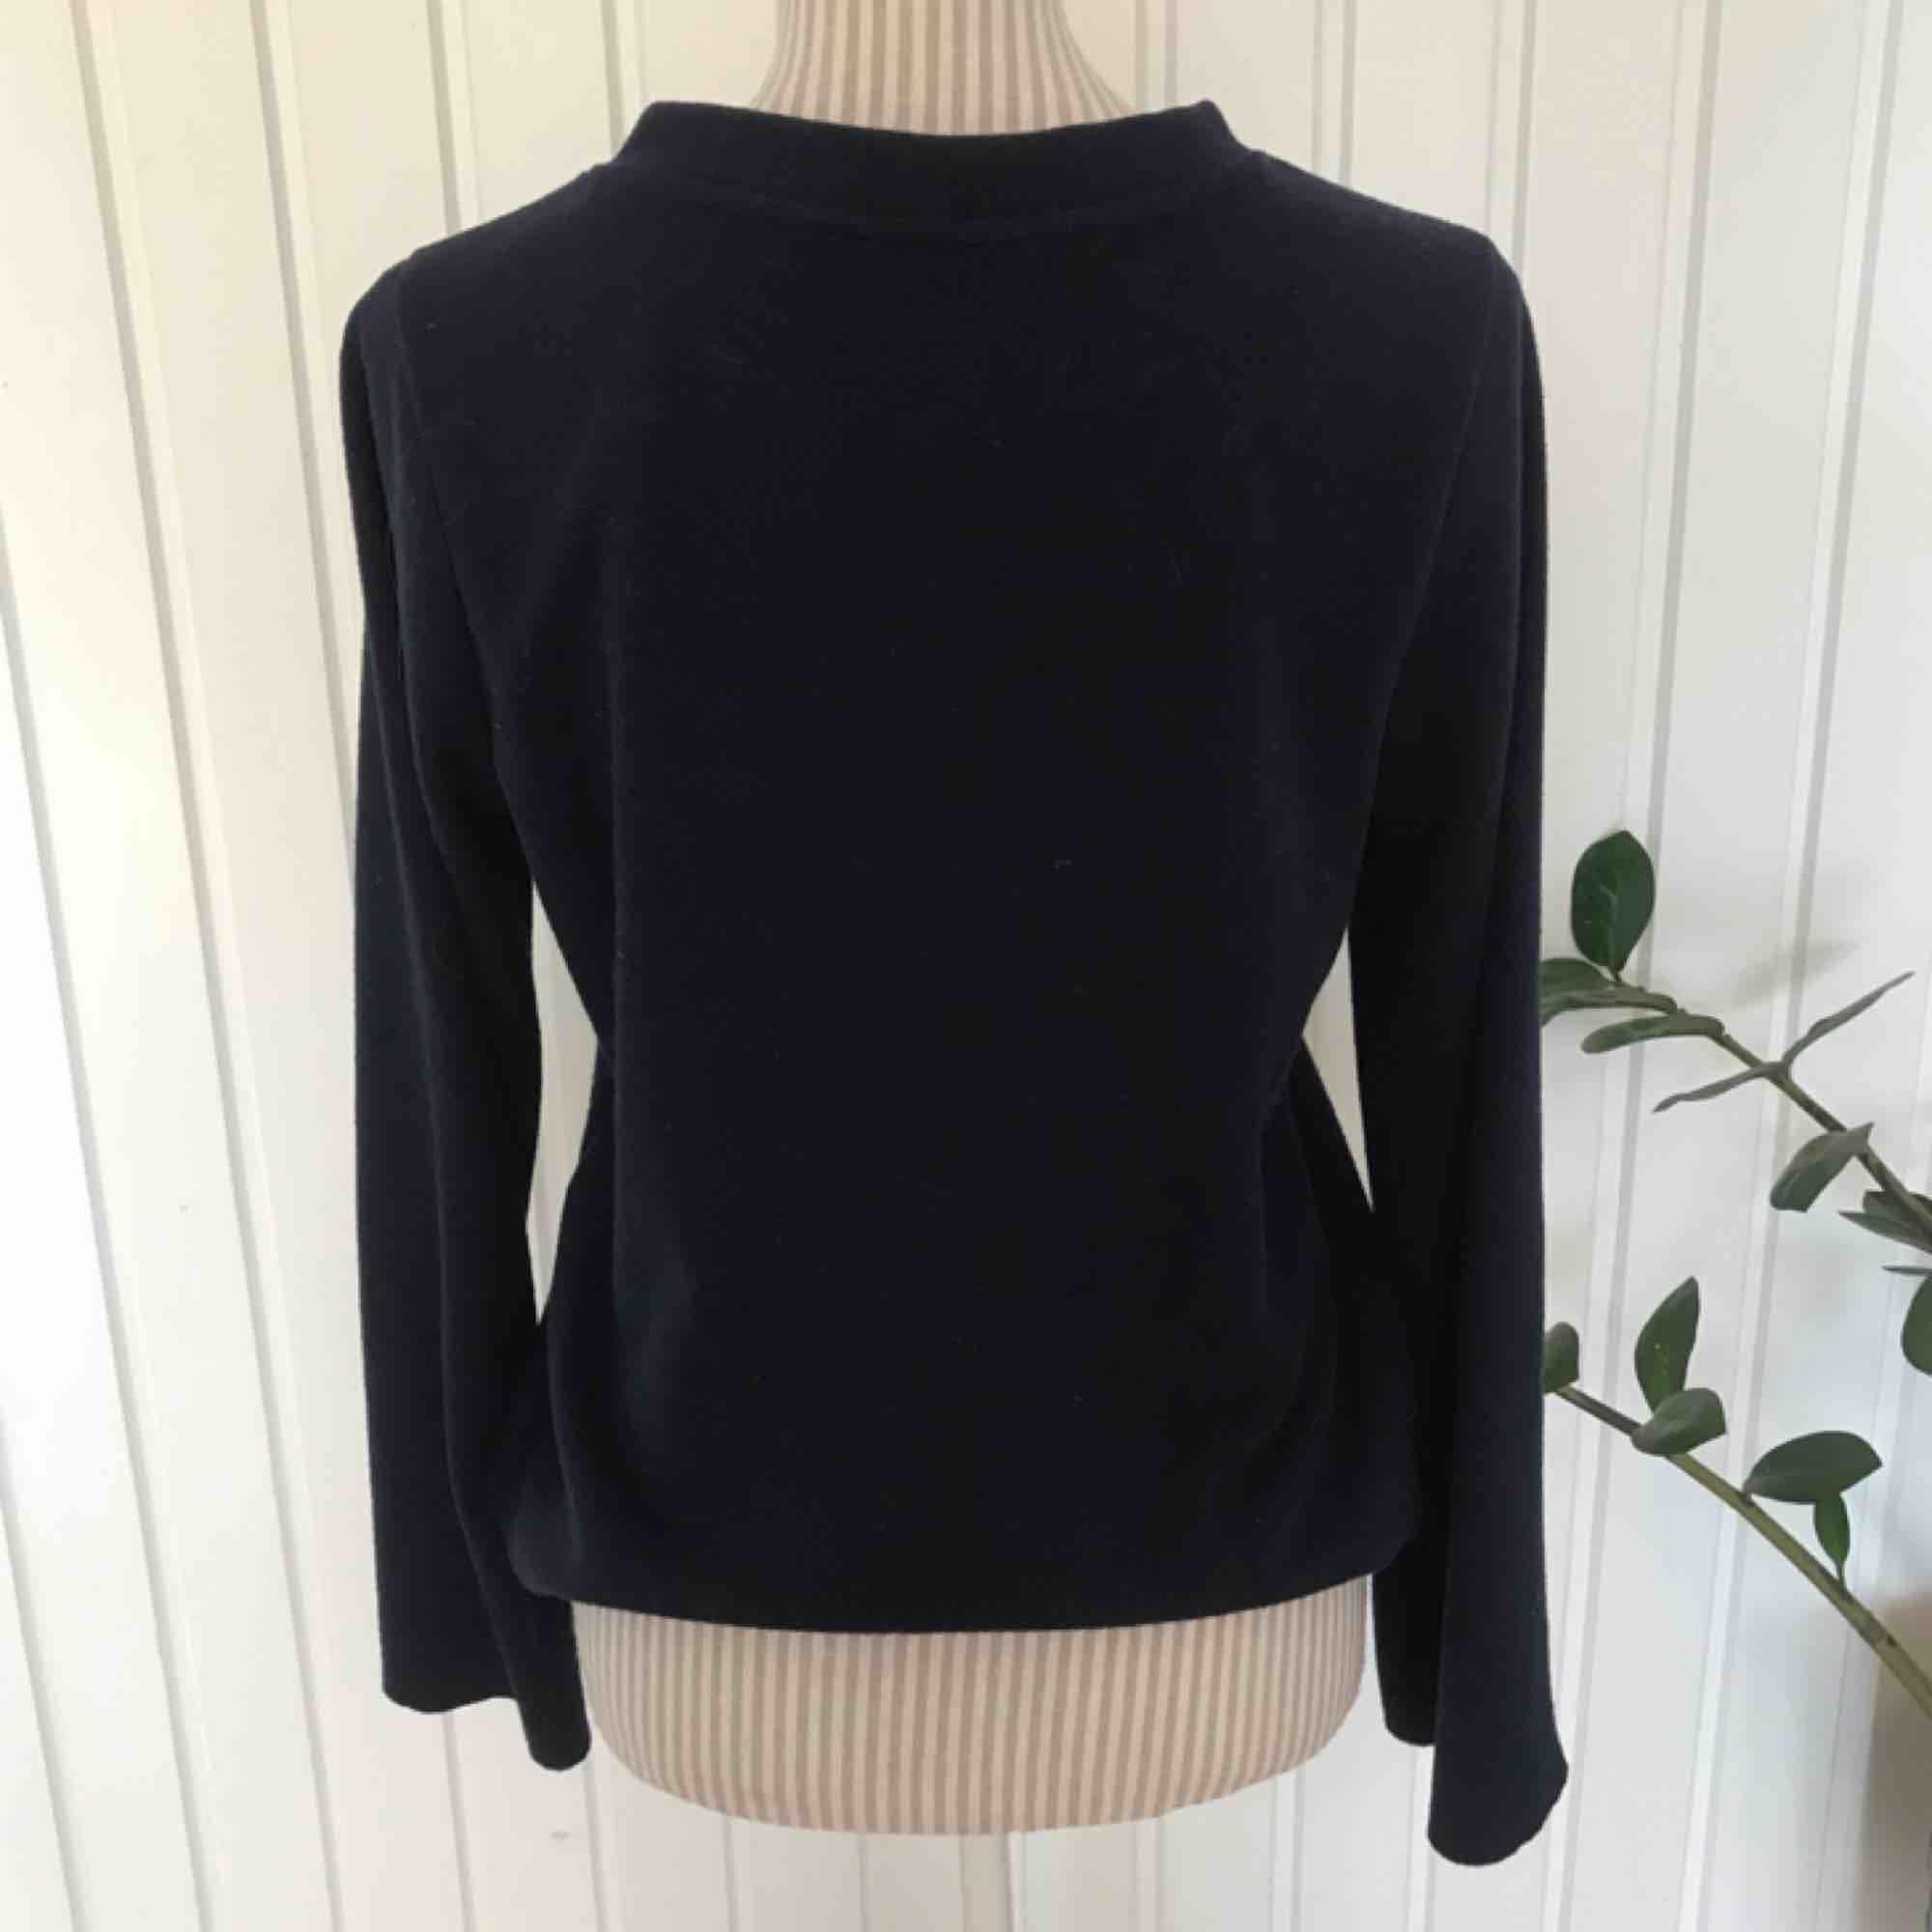 En mörkblå skön tröja med lite högre krage, knappt använd! Frakt på 55 kr tillkommer. Tröjor & Koftor.